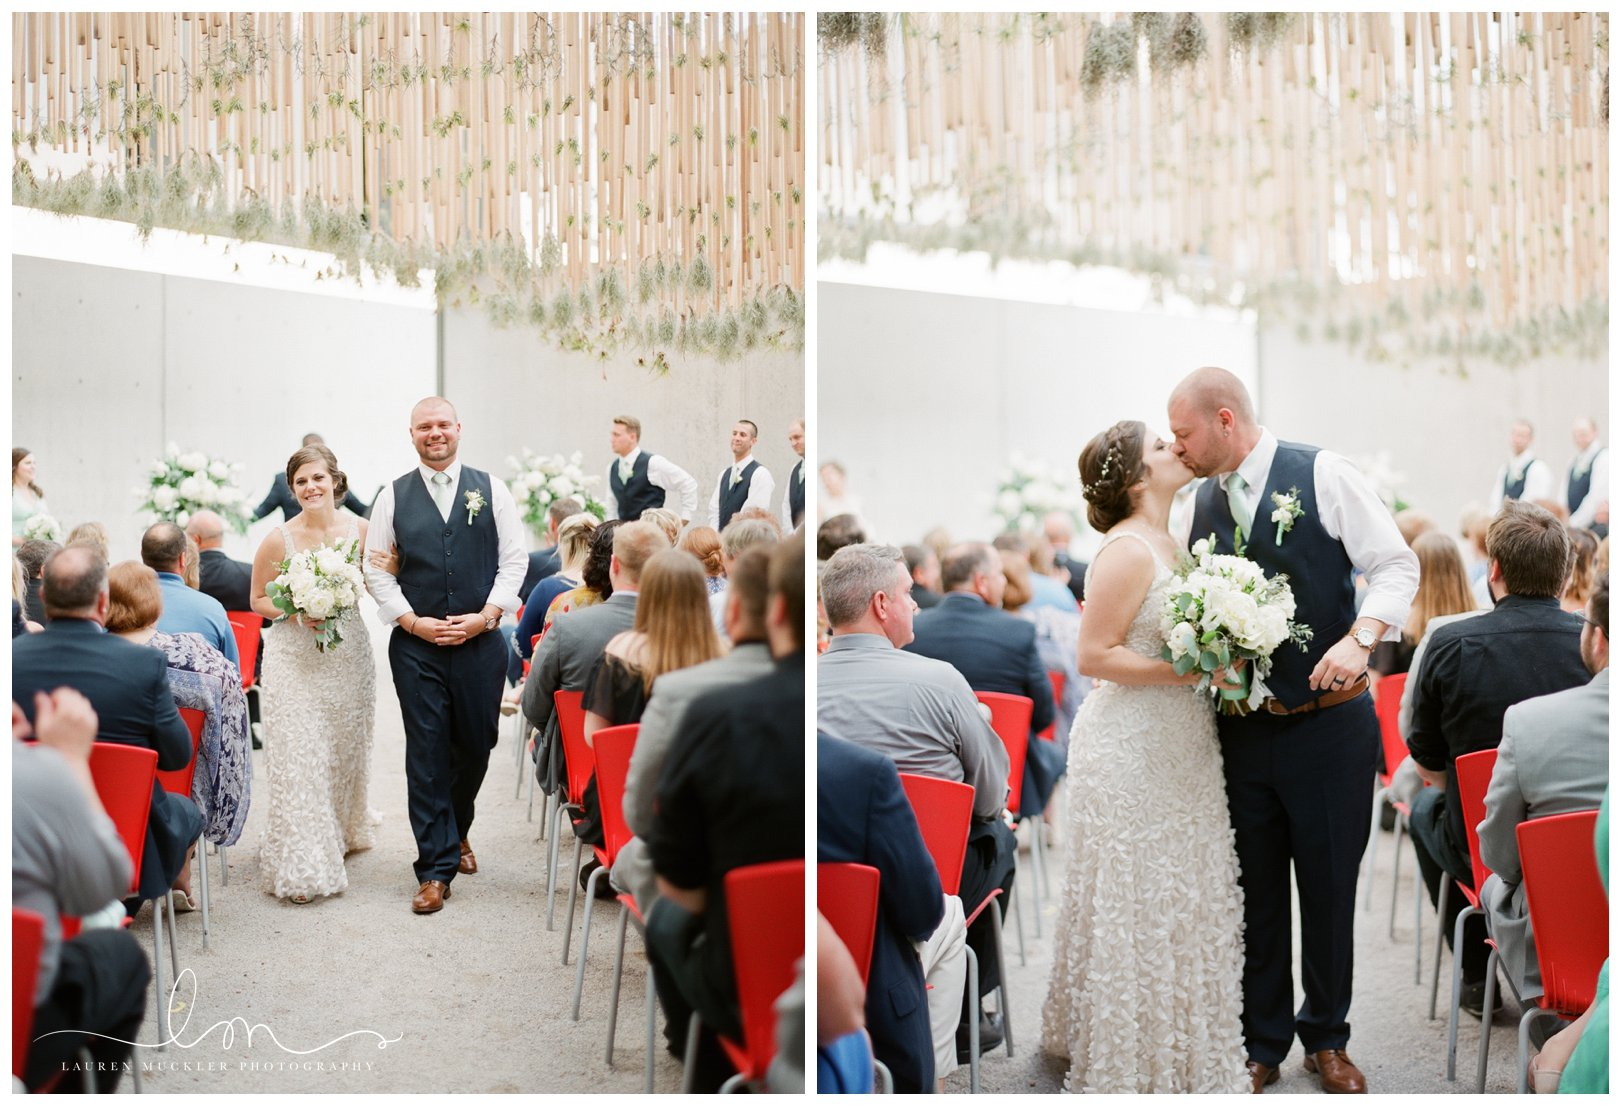 lauren muckler photography_fine art film wedding photography_st louis_photography_0564.jpg